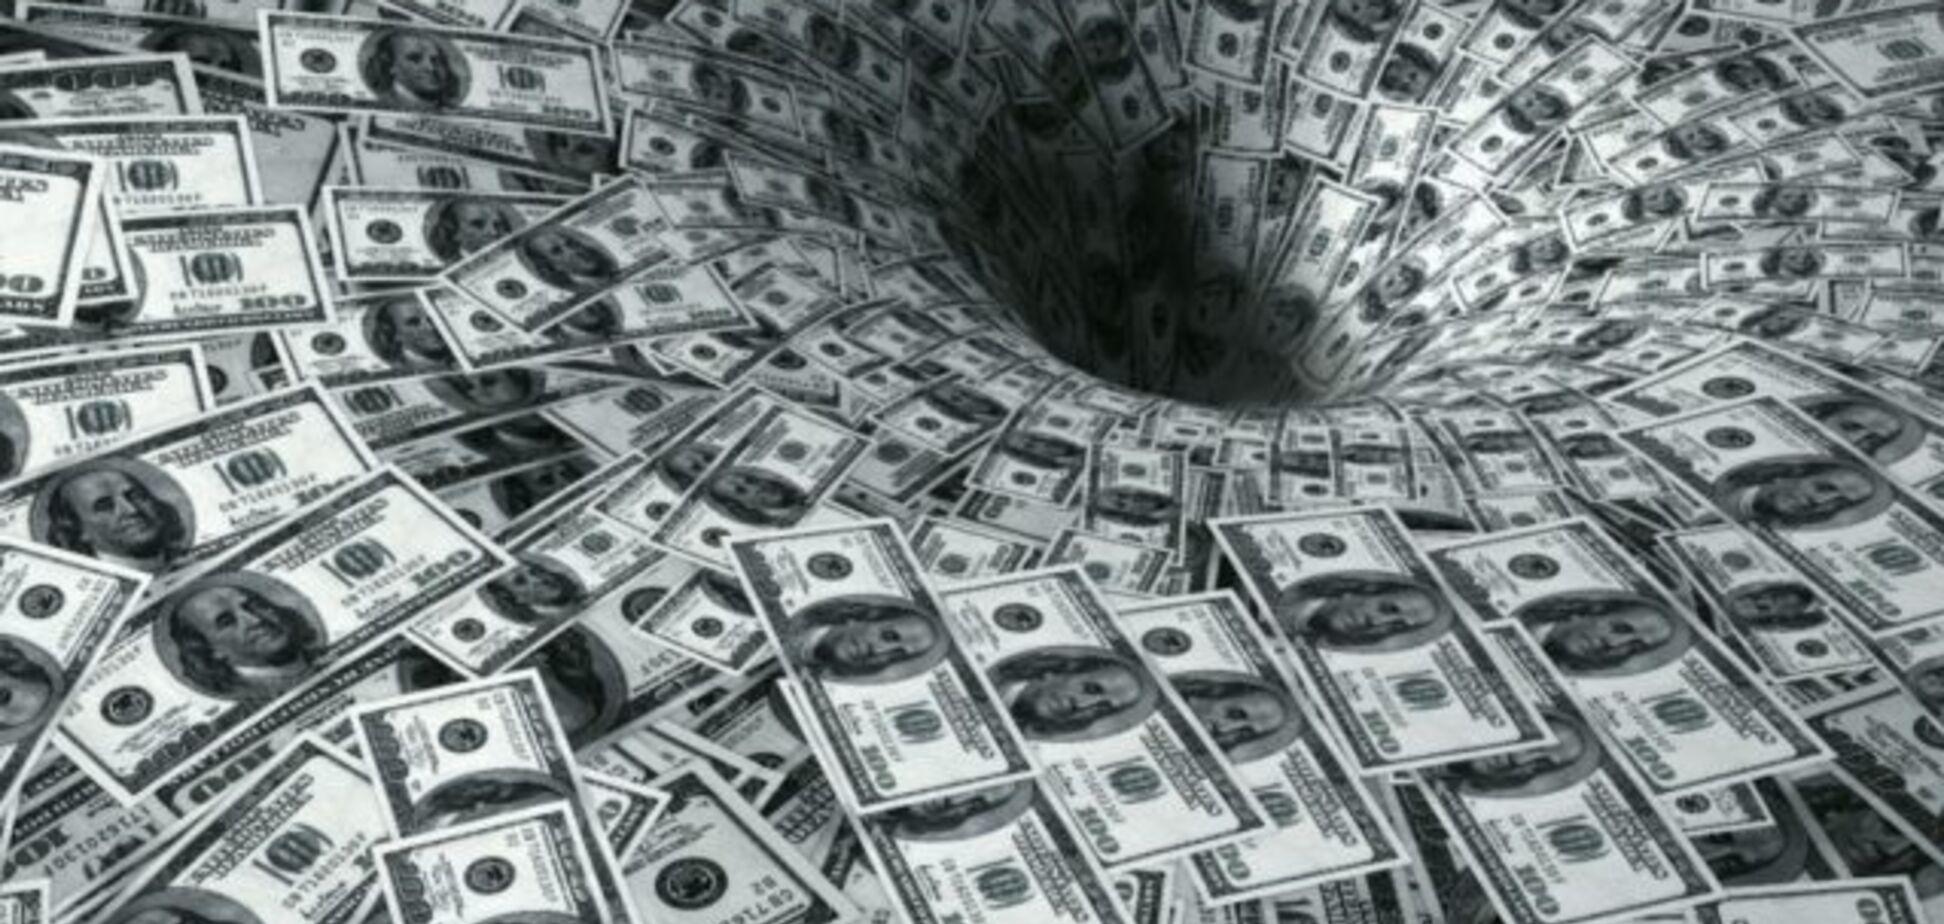 Дыра в бюджете: где деньги, Зе?